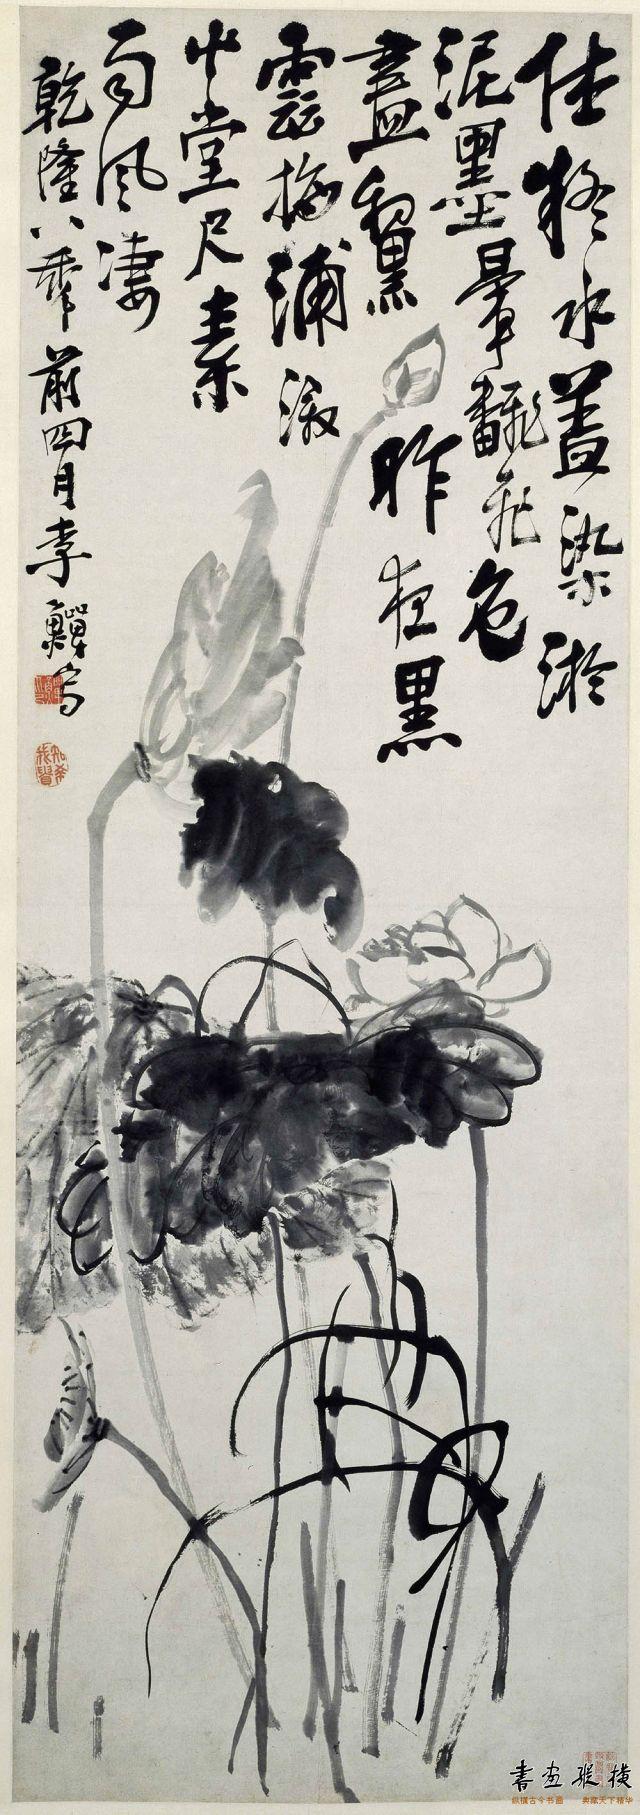 清 李鱓 荷花图 纸本 墨笔 纵136.5厘米,横46厘米